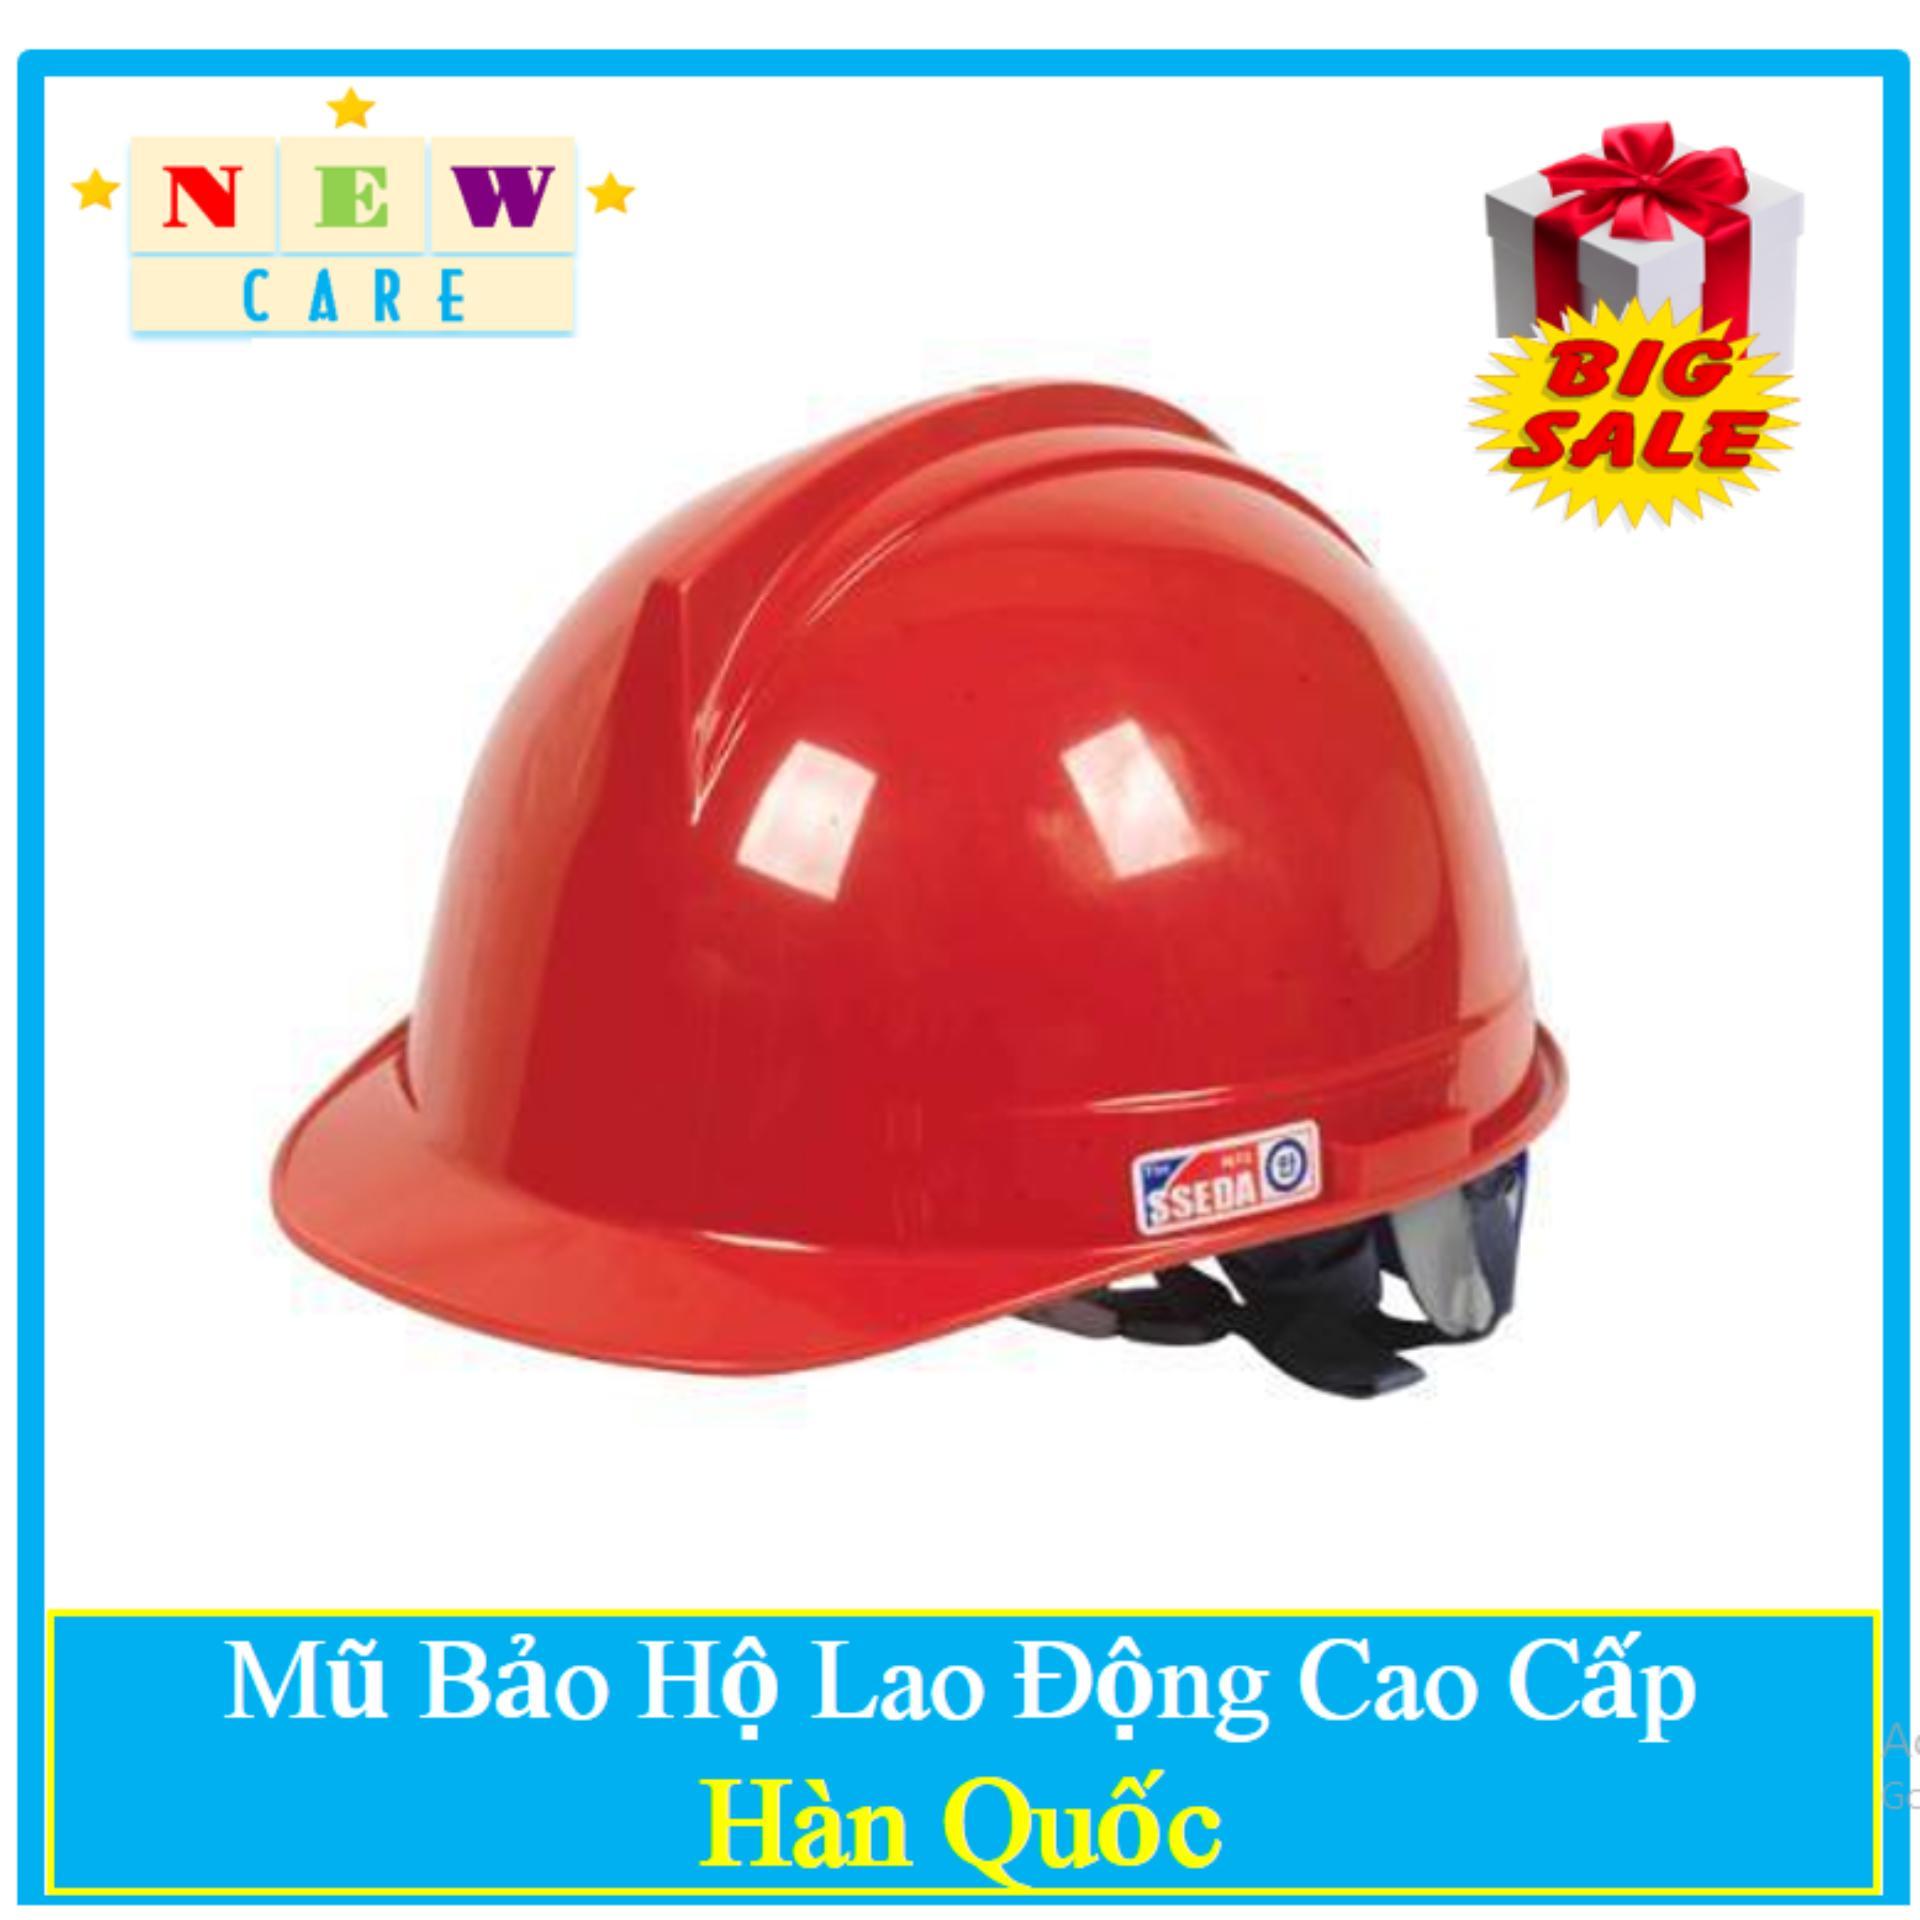 Mũ Bảo Hộ Hàn Quốc SSEDA - Tặng Nút Tai Chống Ồn